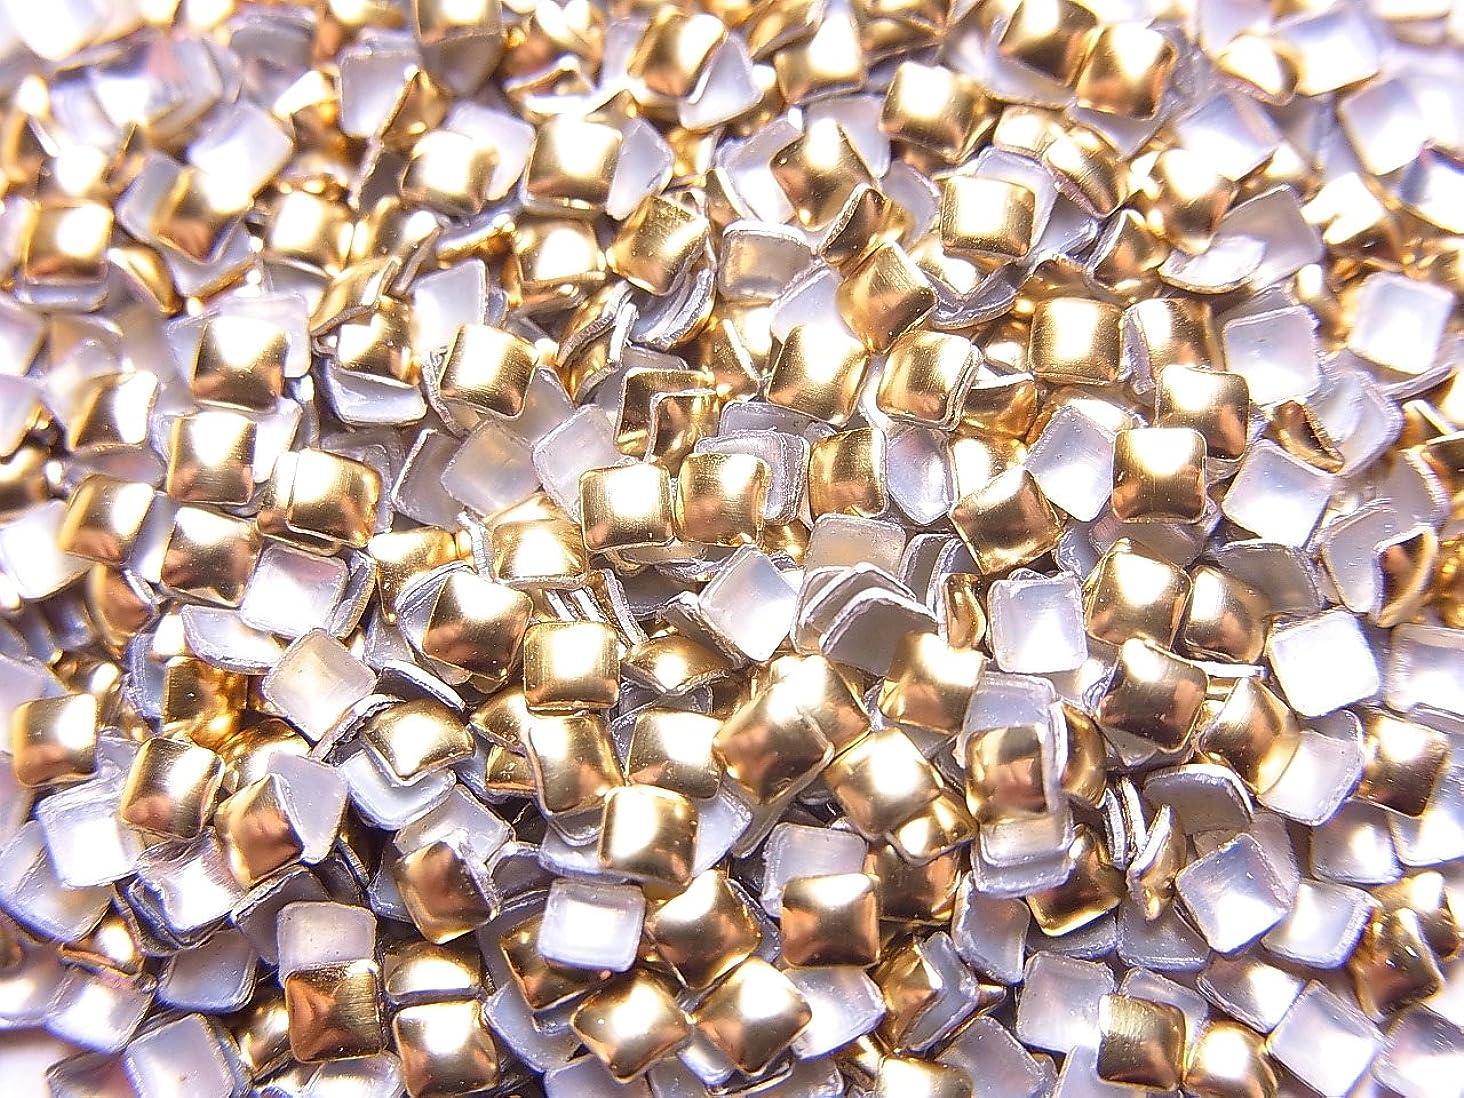 傾いた高齢者キャプテンブライ【jewel】スクエア型(正方形)メタルスタッズ 2mm ゴールド 約100粒入り